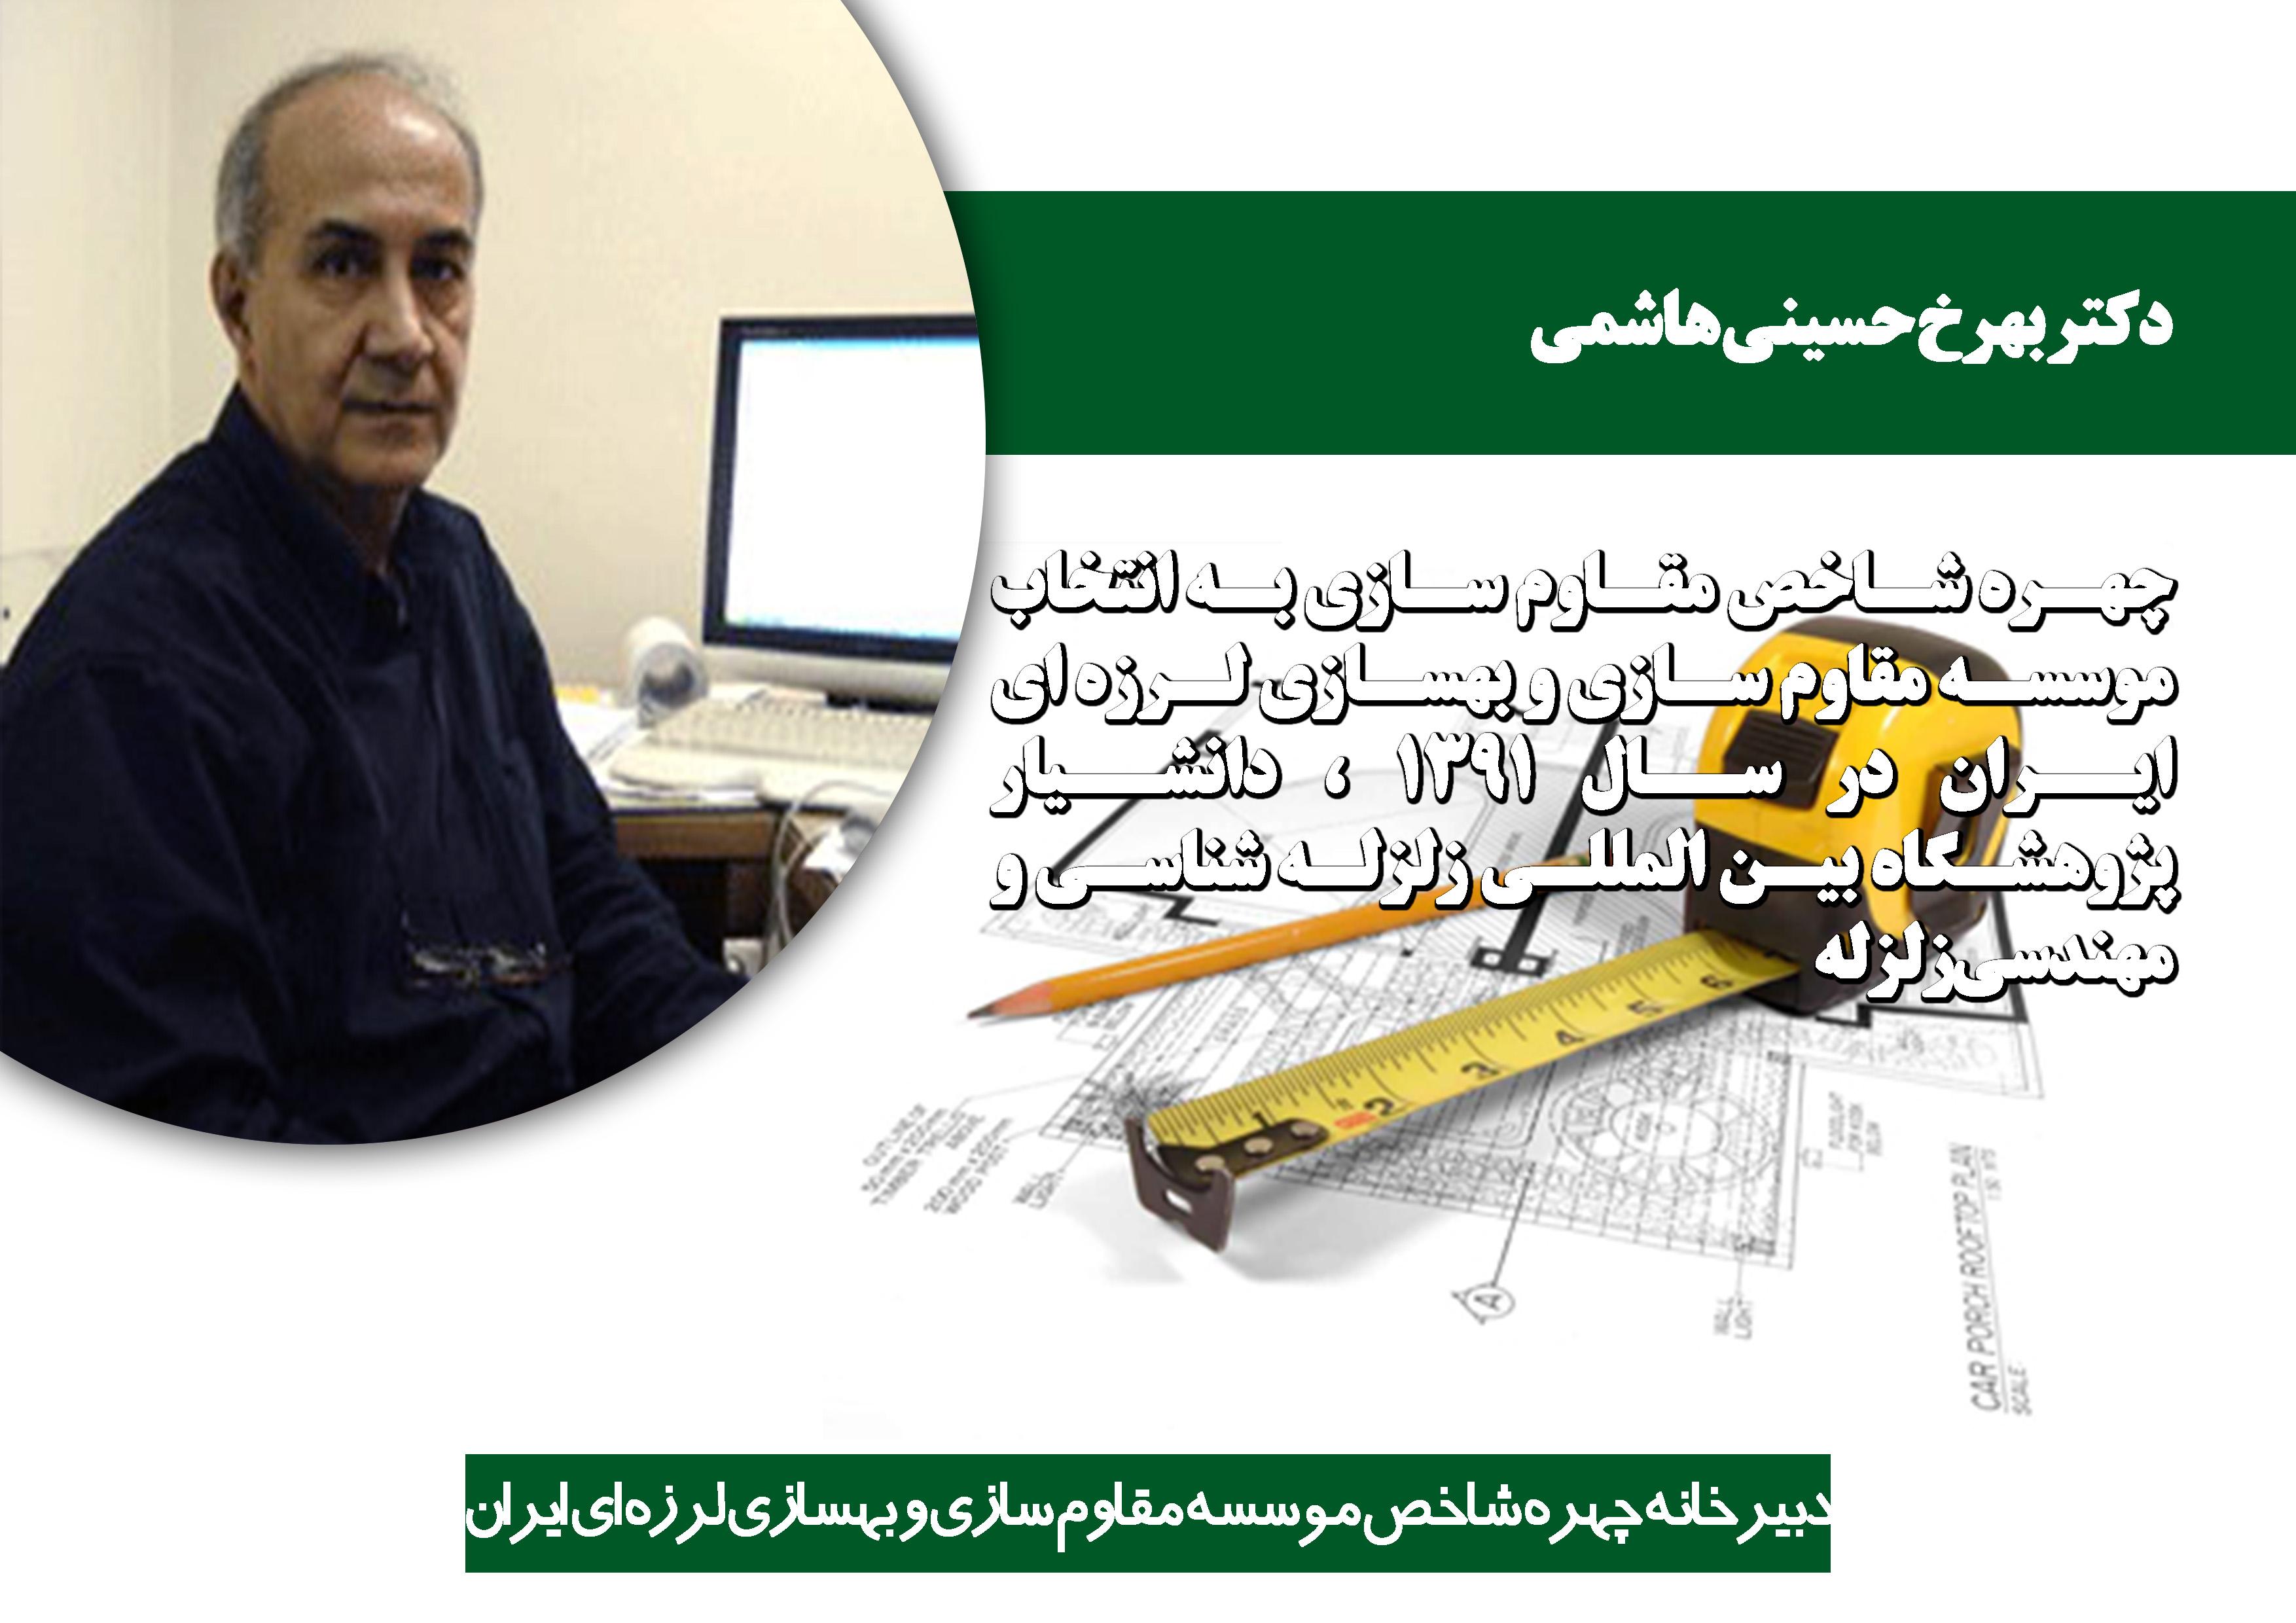 بهرخ حسینی هاشمی